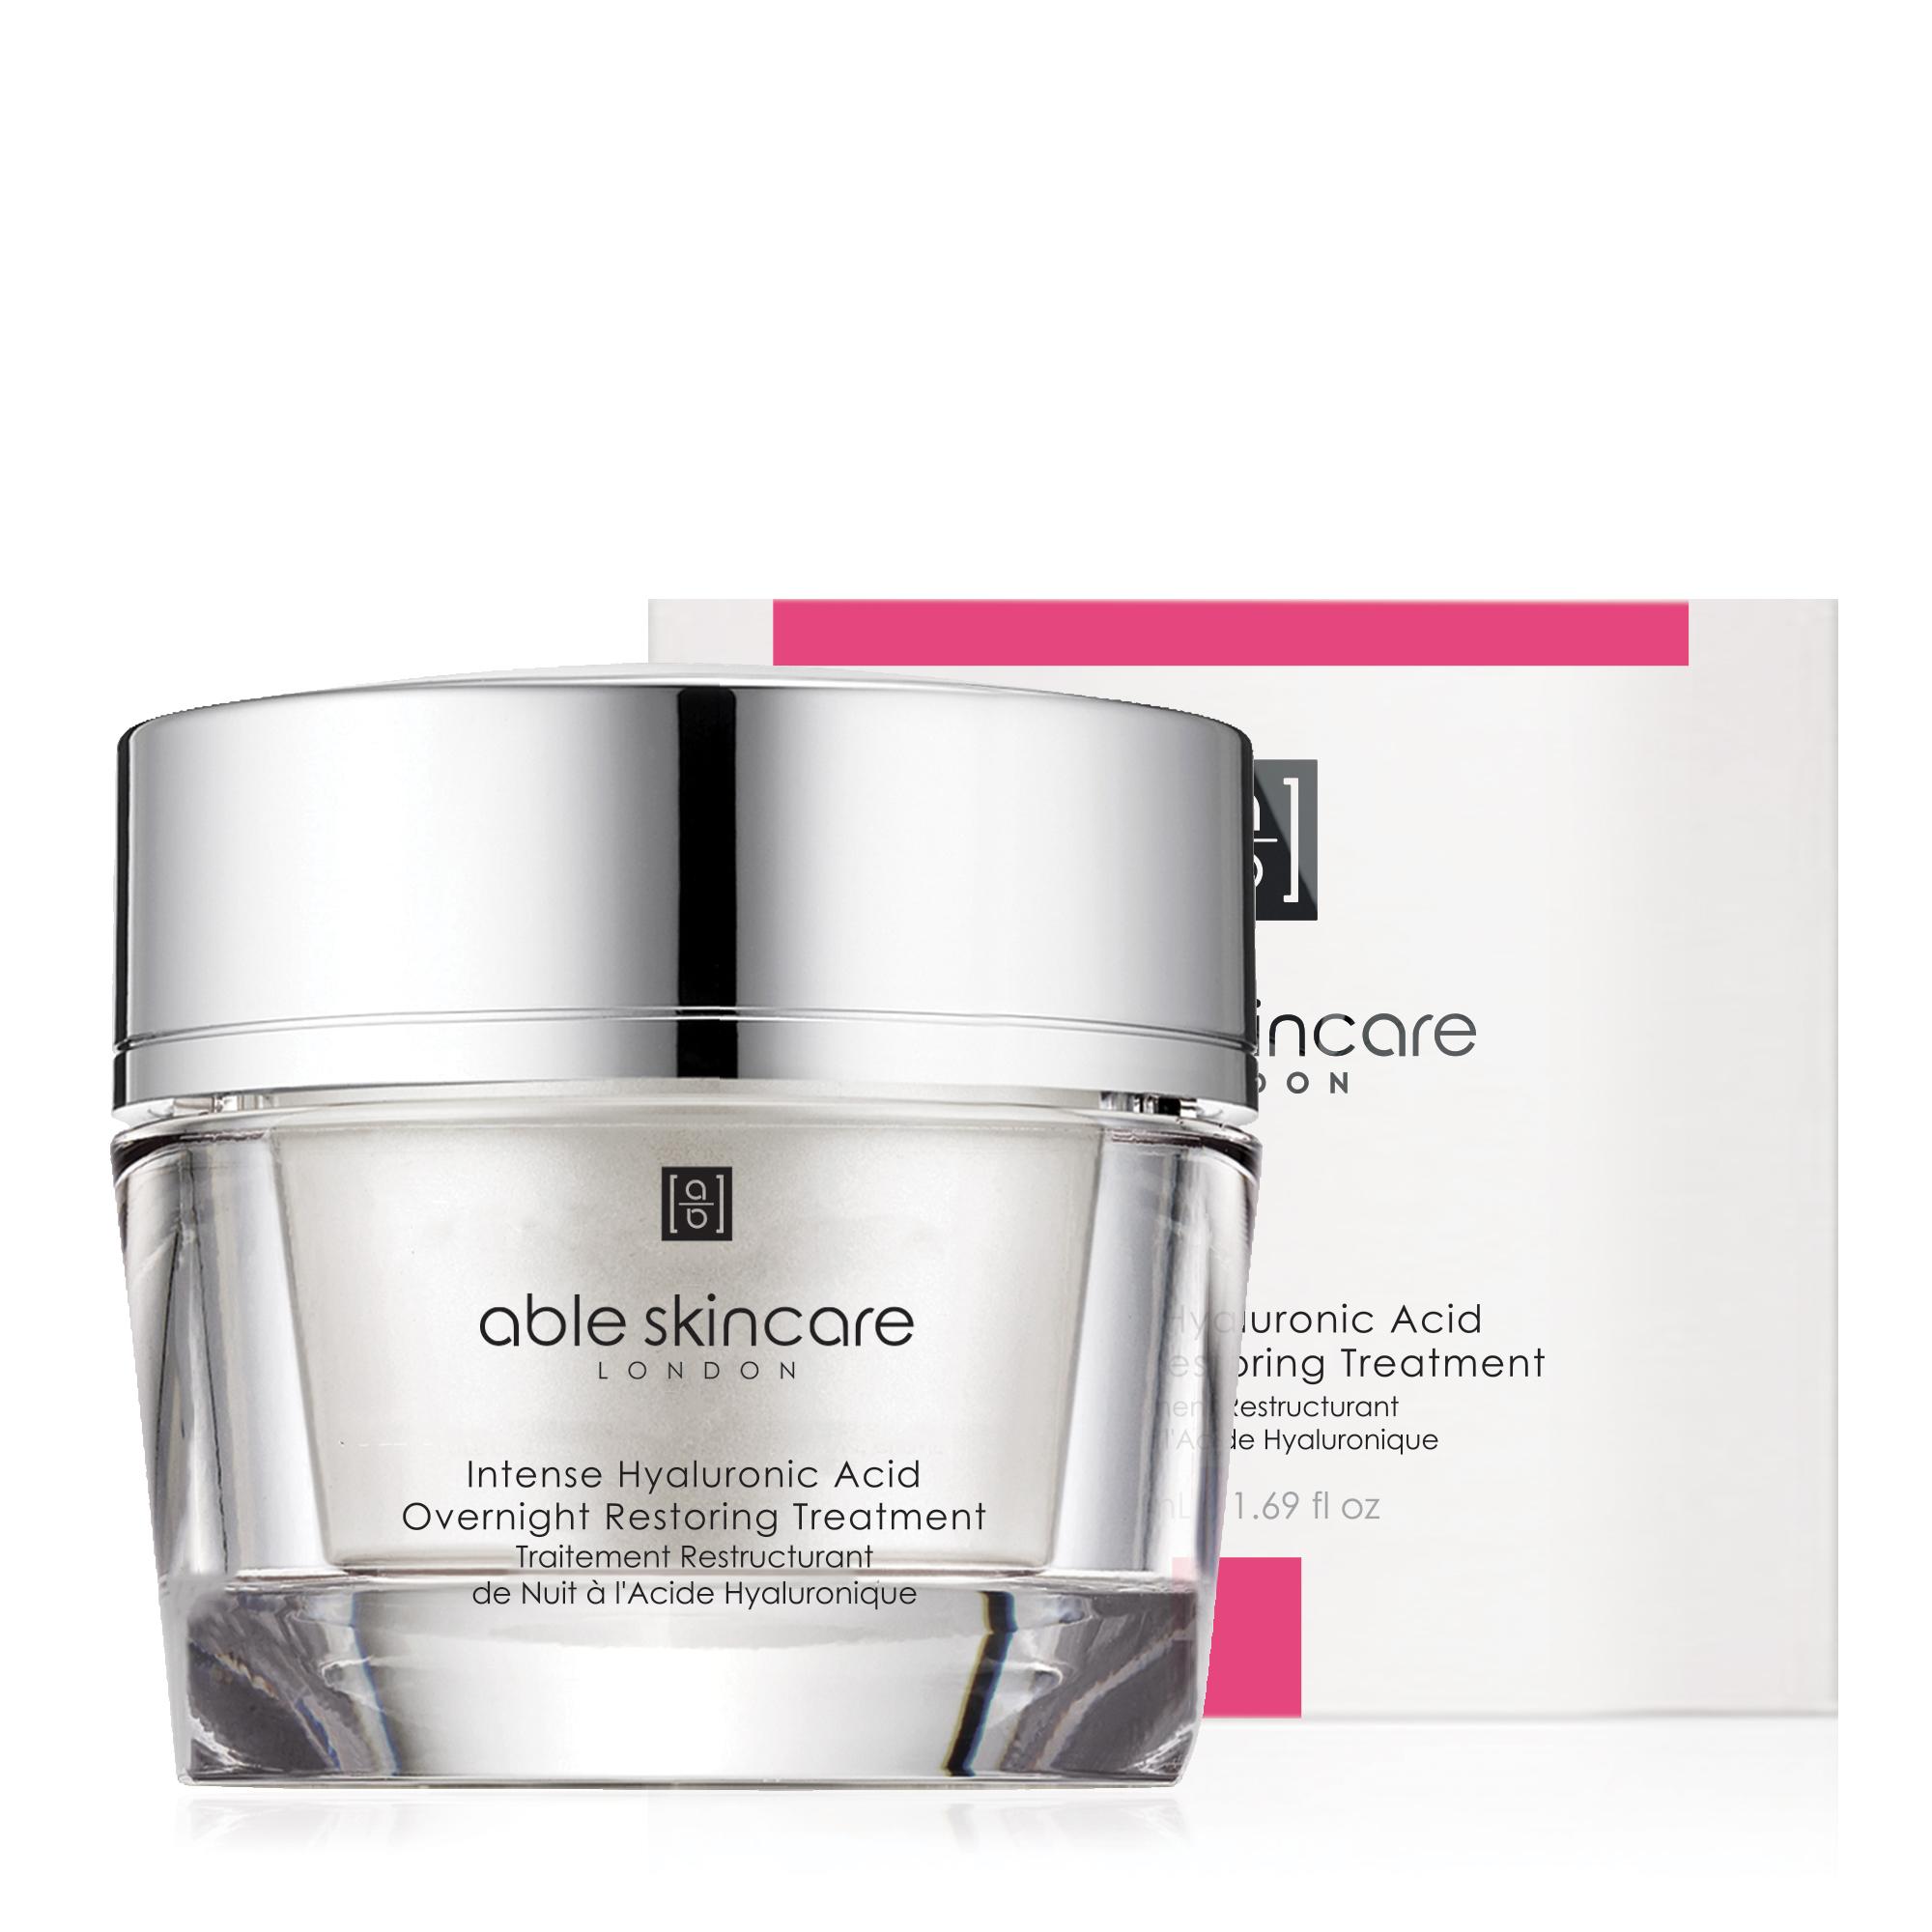 AB015-655043795293-Intense Hyaluronic Acid Overnight Restoring Cream.jpg